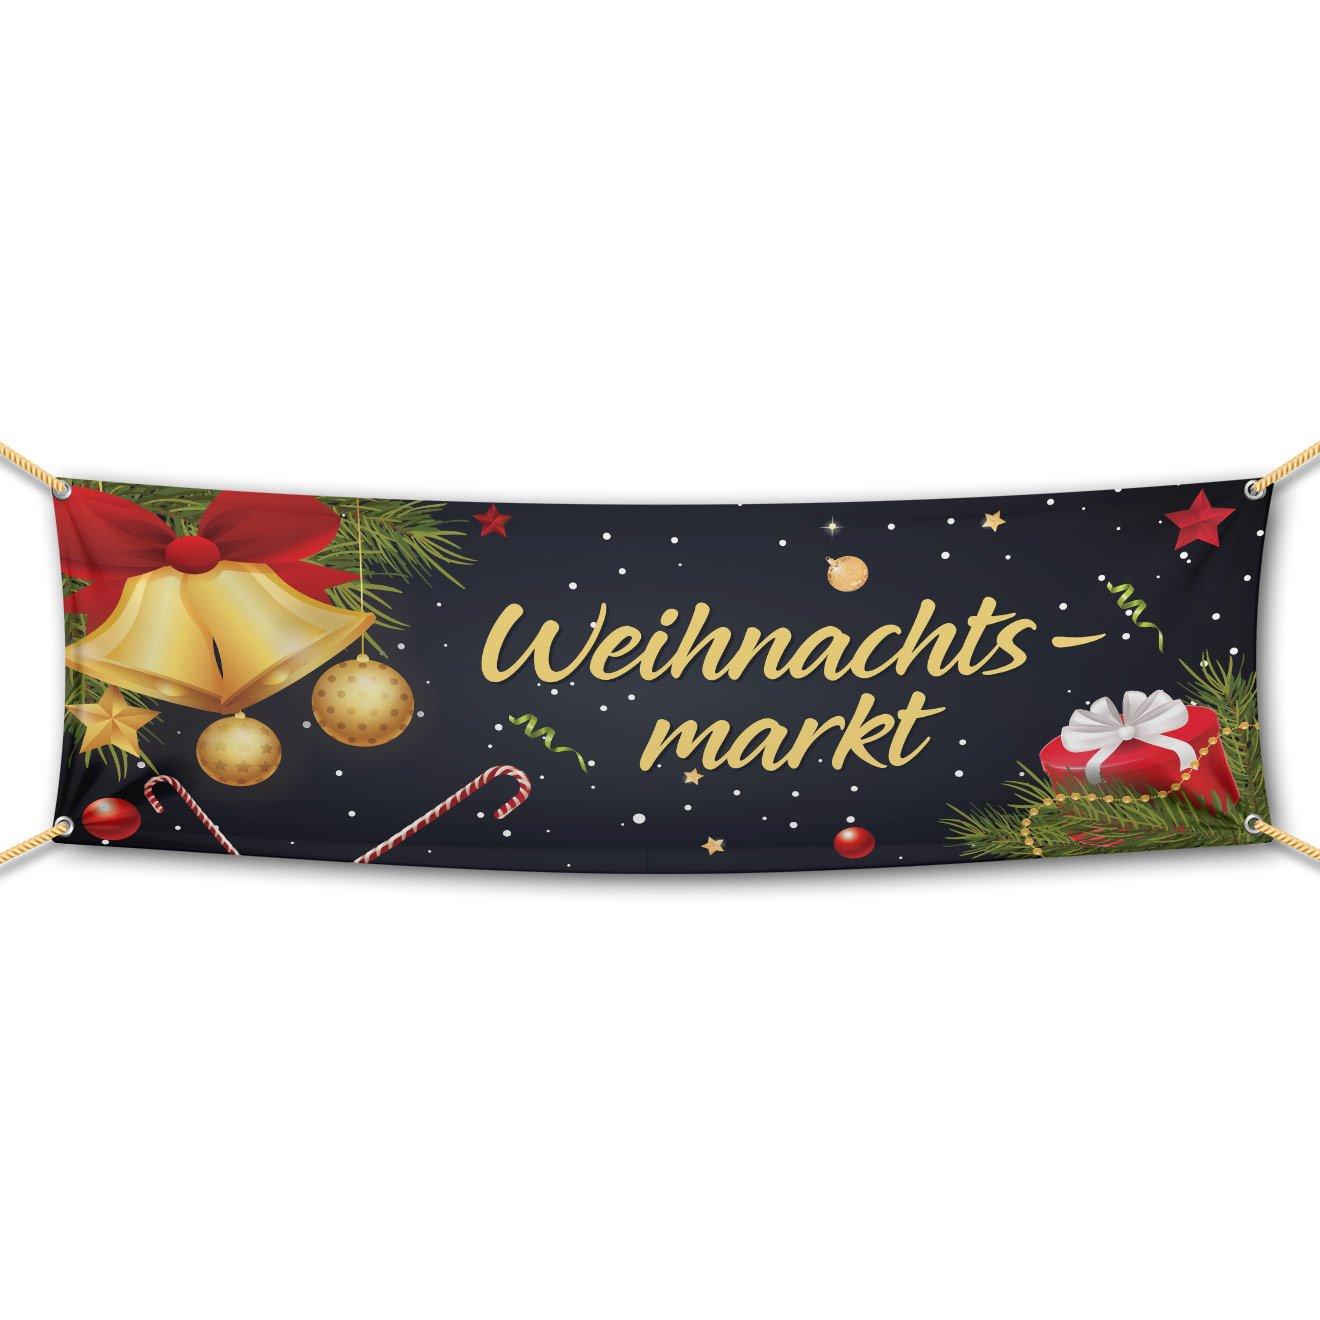 Weihnachtsmarkt Werbebanner bedrucken lassen